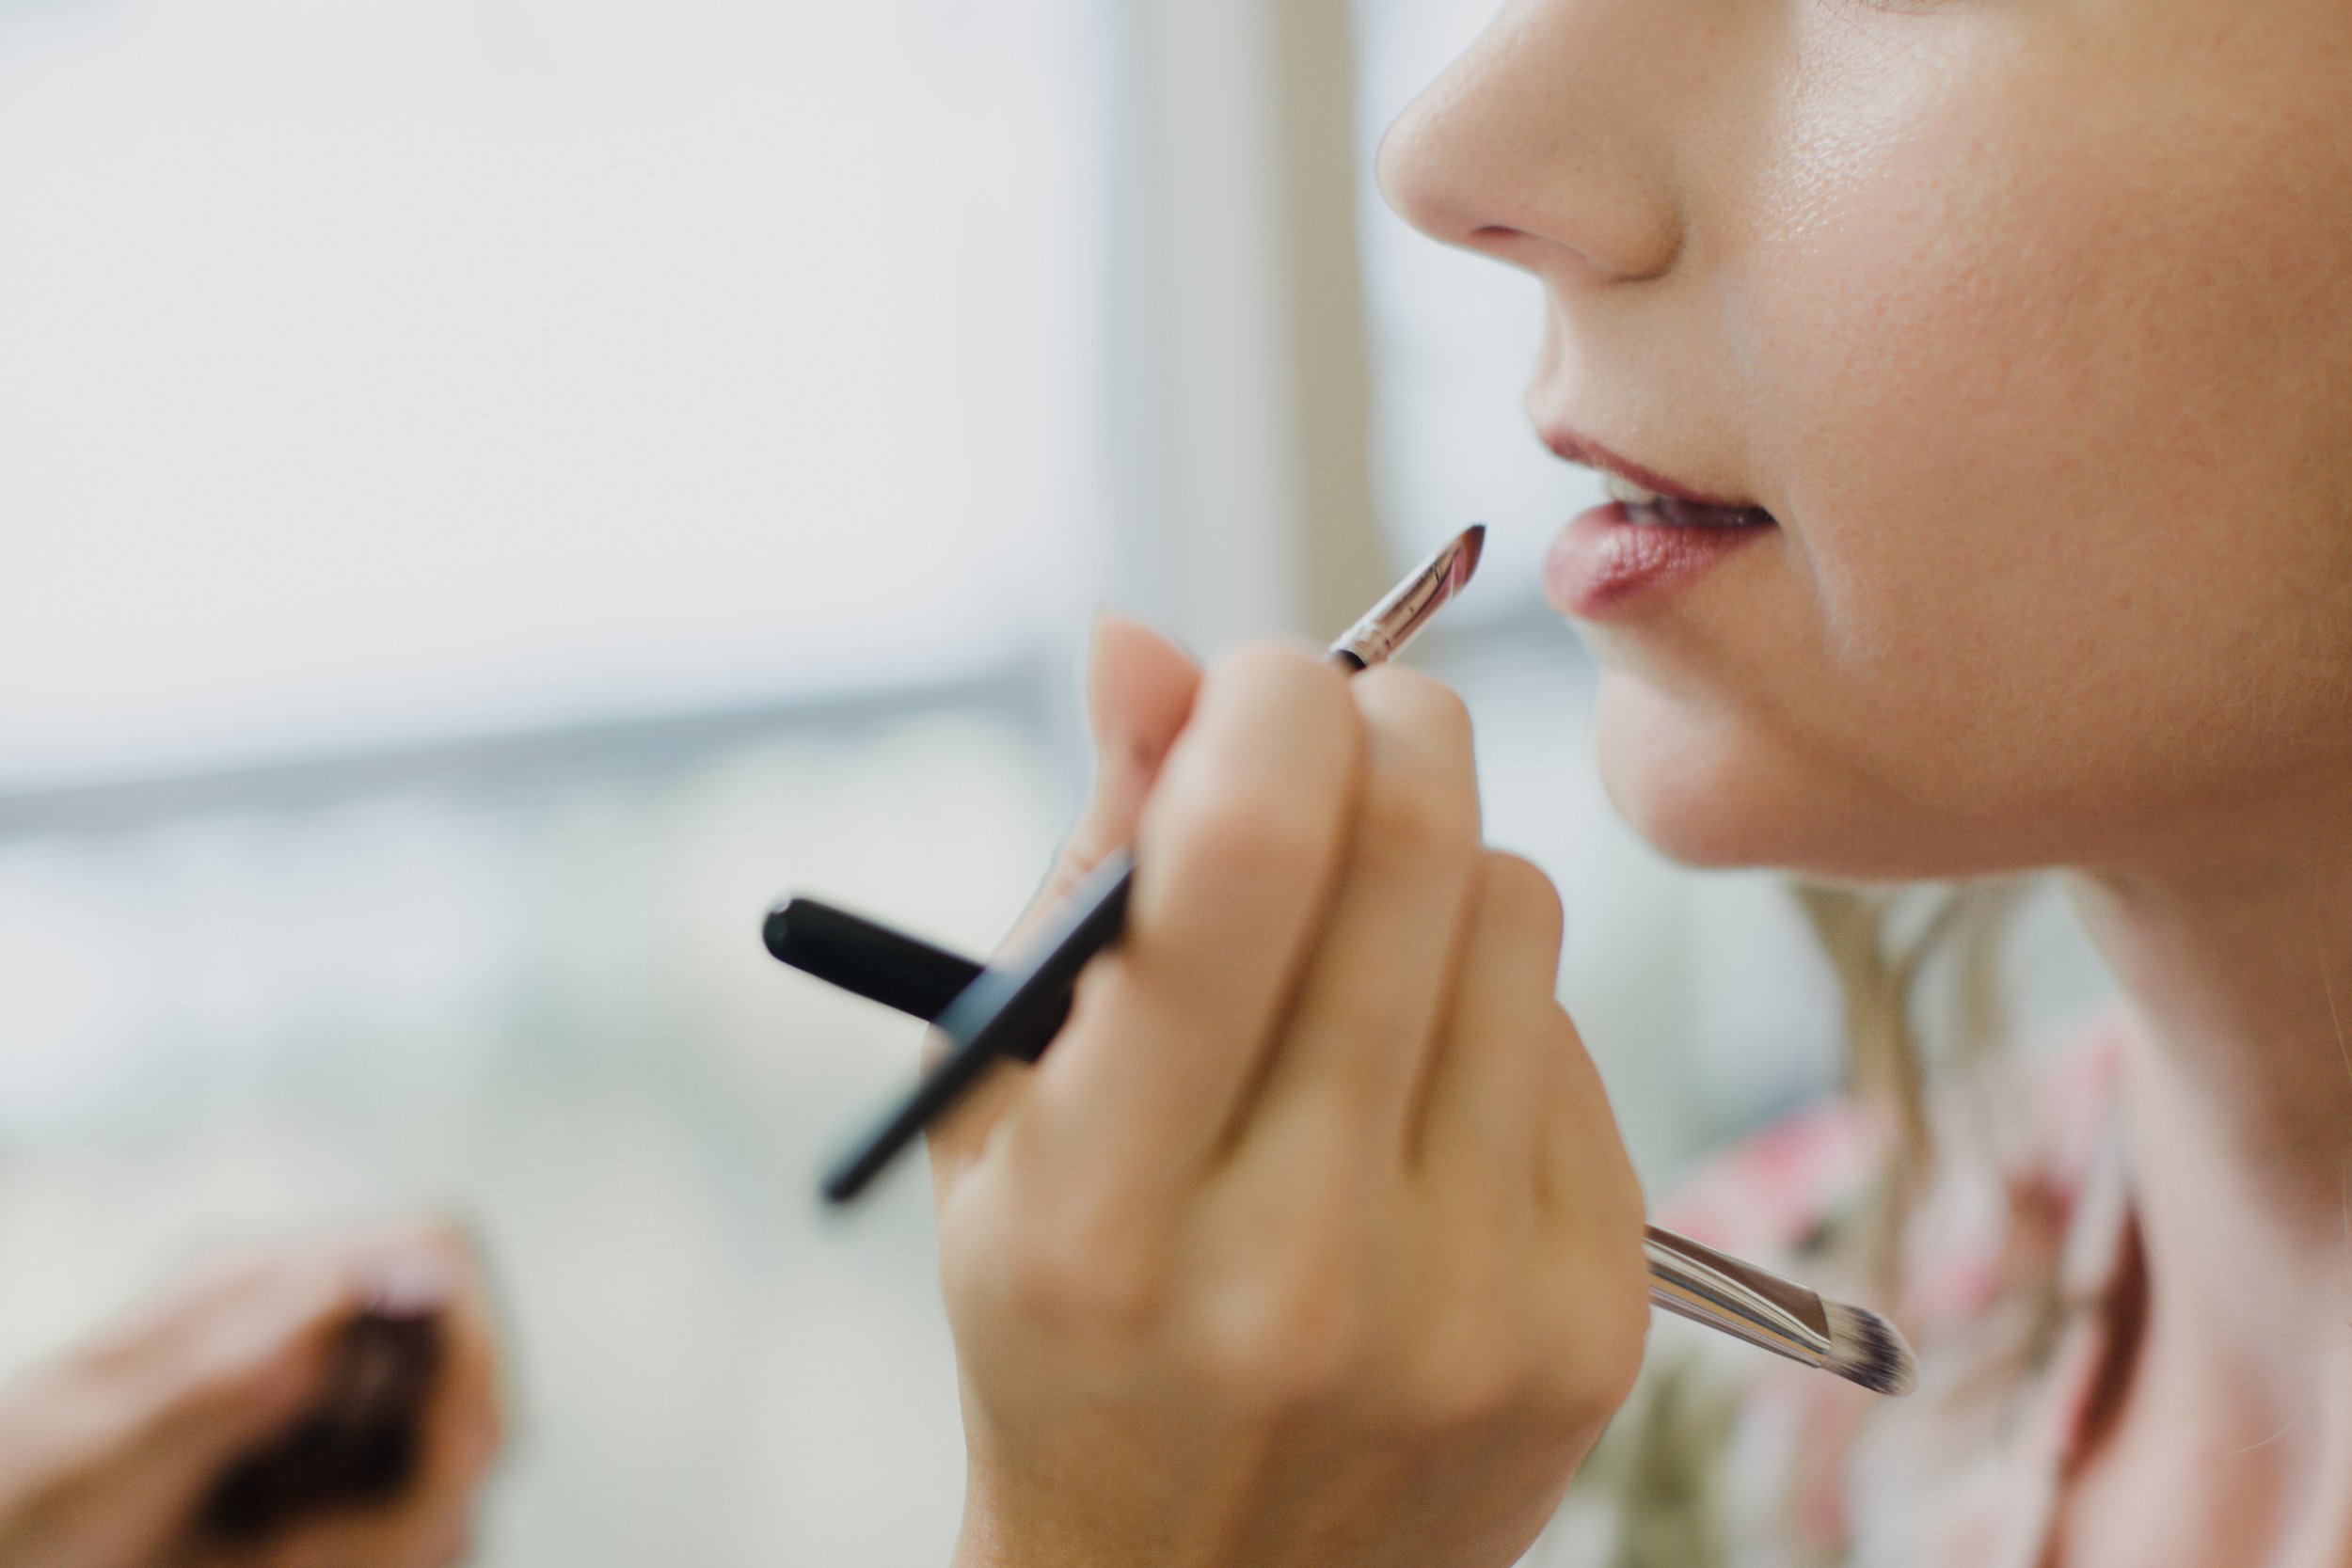 lisun goh makeup